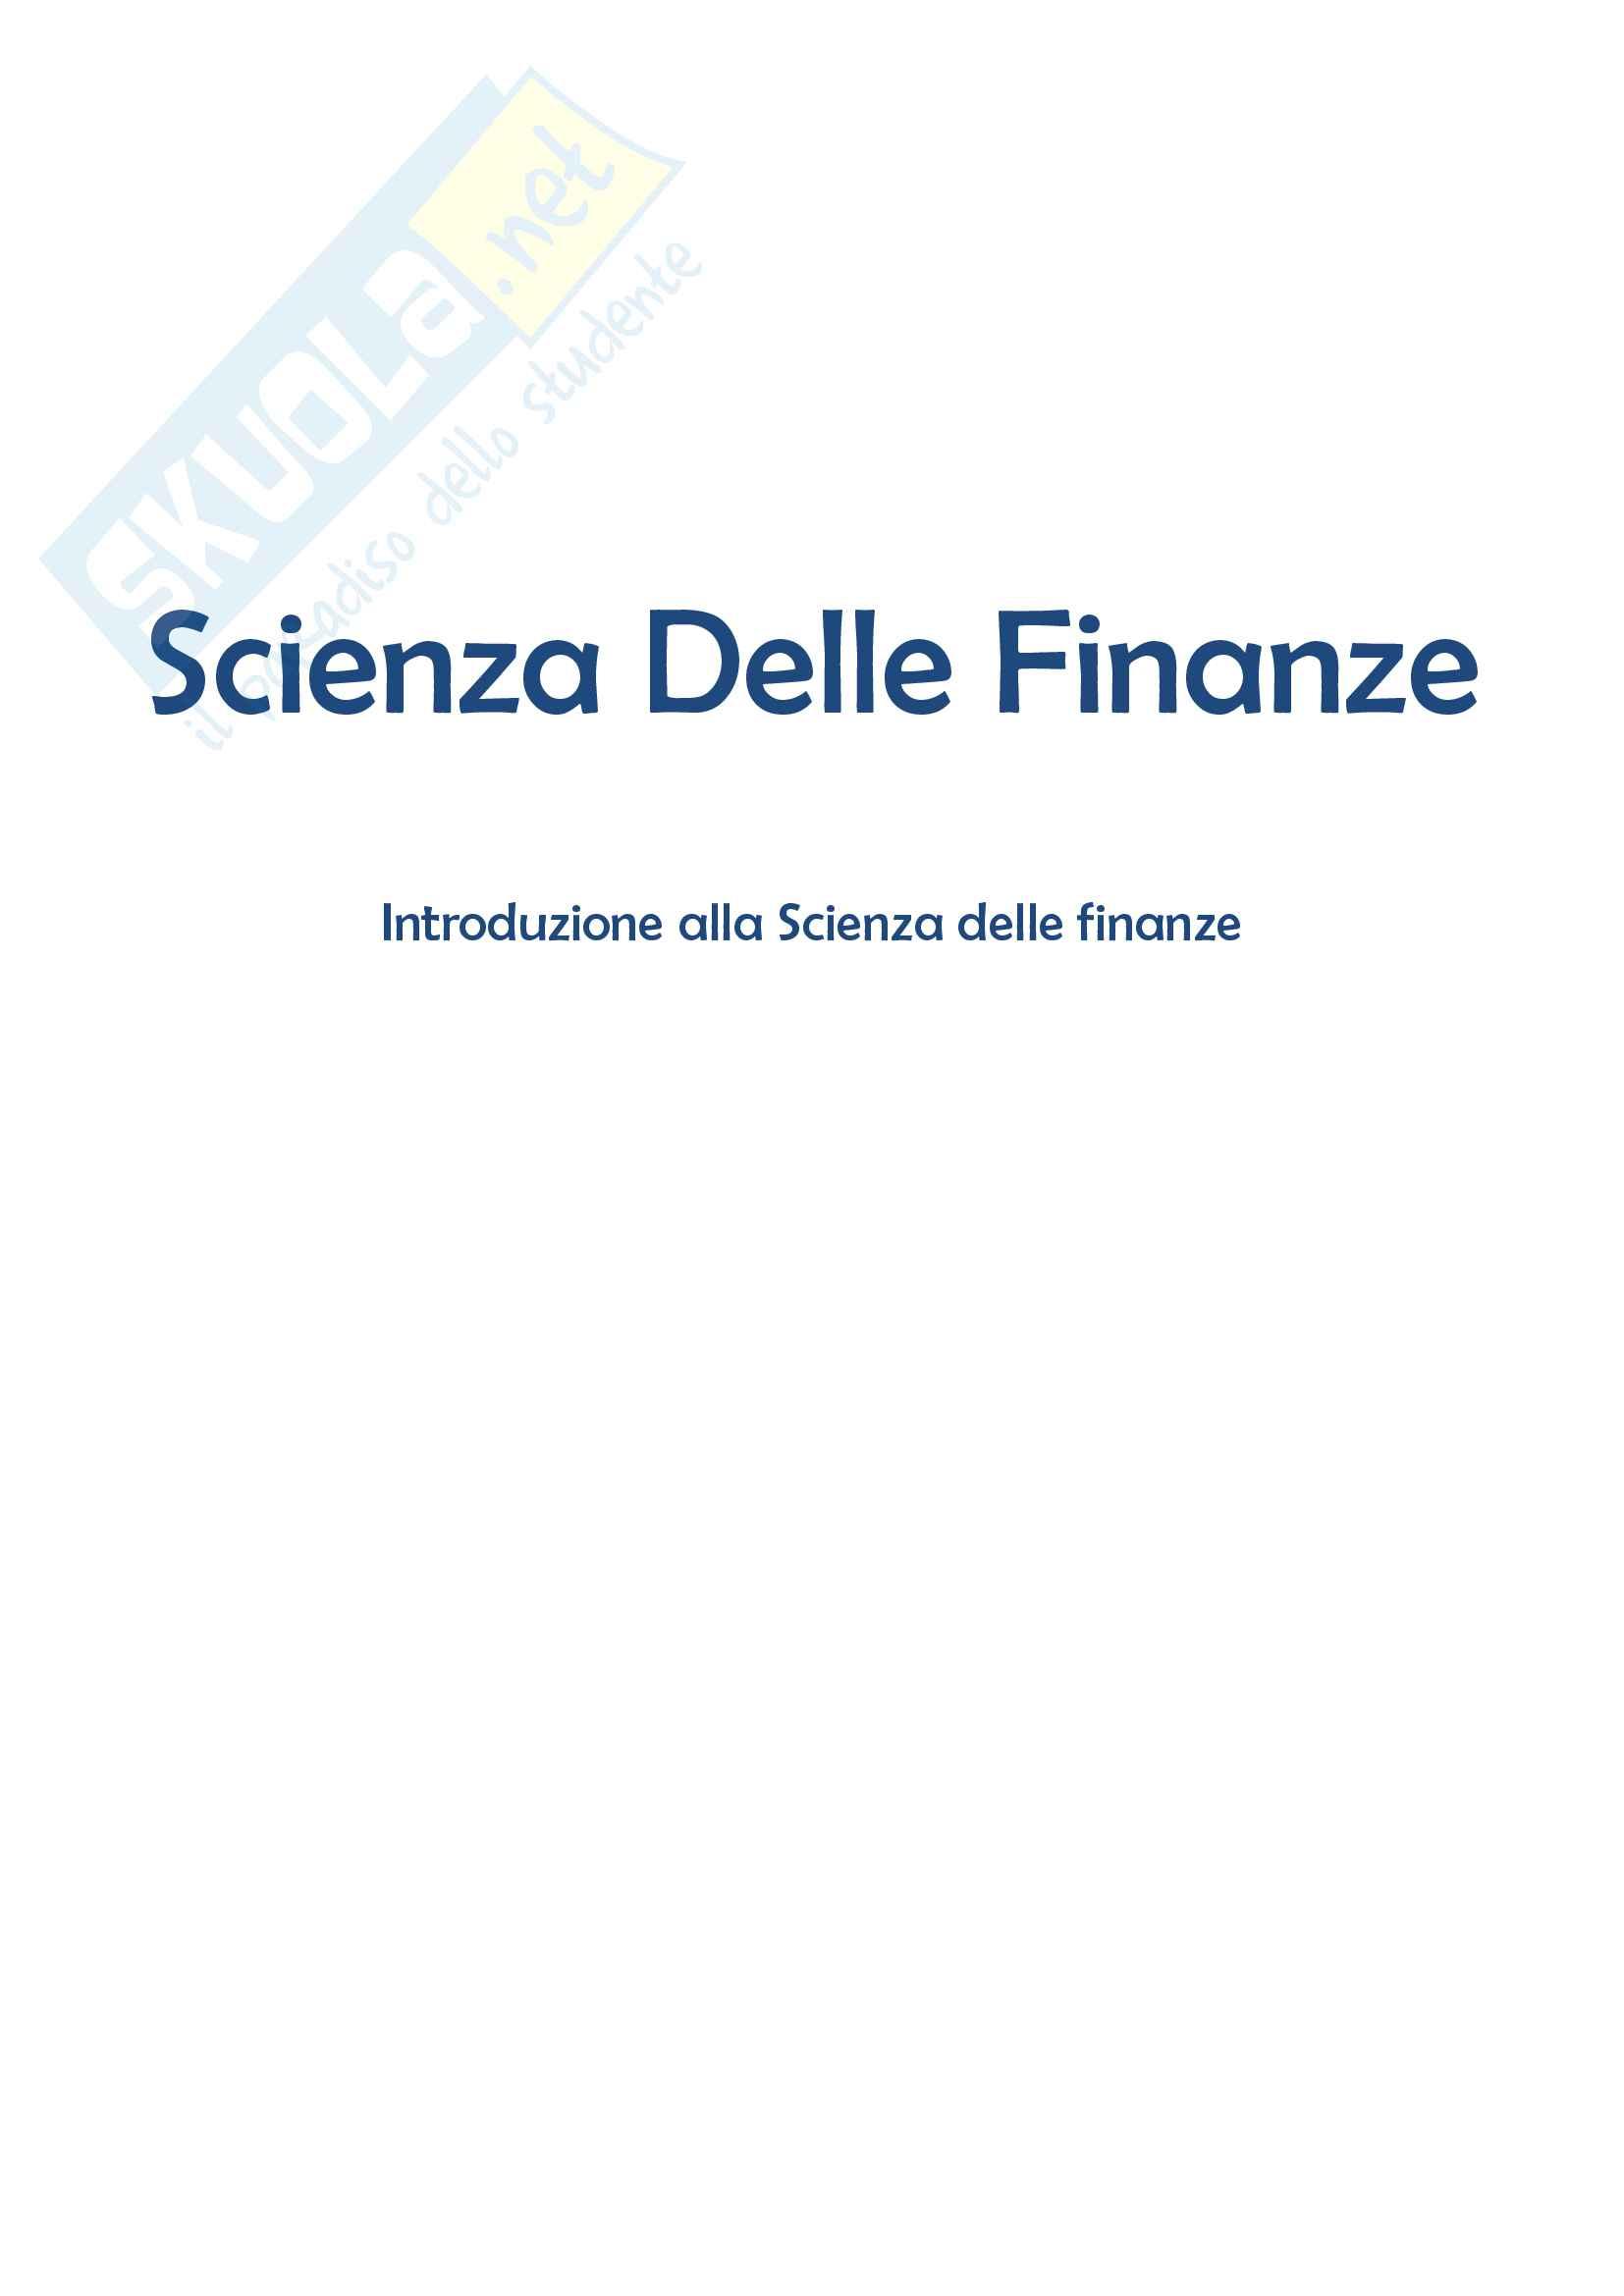 appunto A. Di Majo Scienze delle finanze